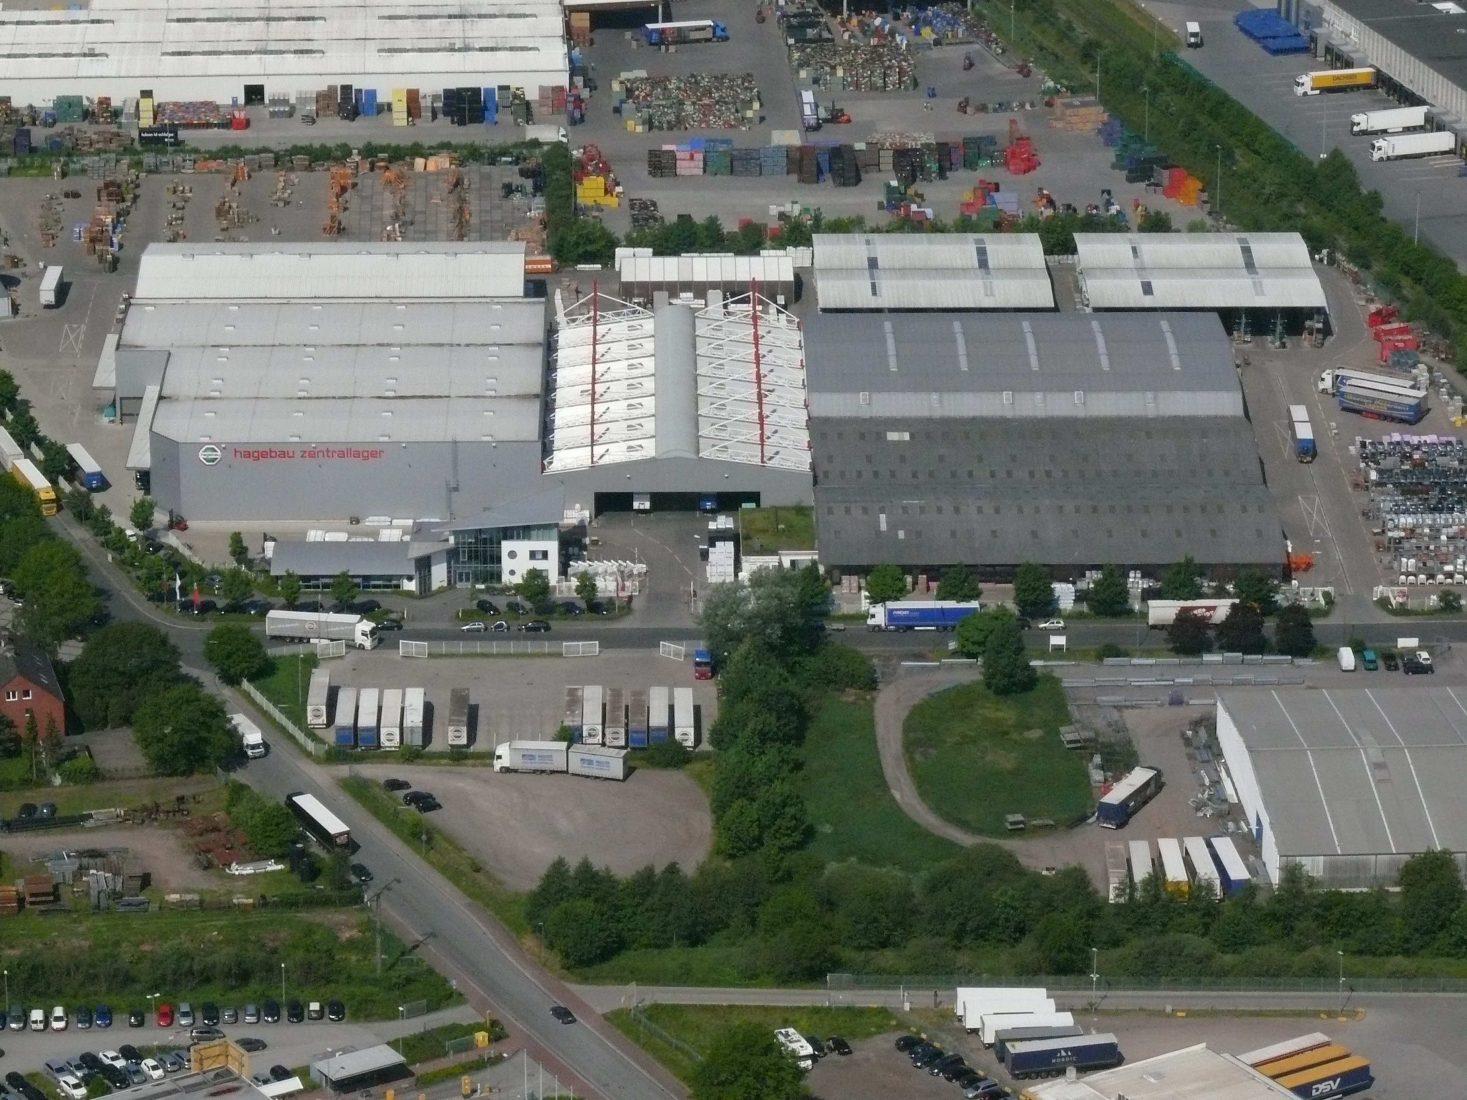 Über große Zentralläger – hier der Hagebau-Standort in Neumünster – könnte man die Warenströme in der Baustoffbranche effektiver bündeln als bisher. Foto: hagebau